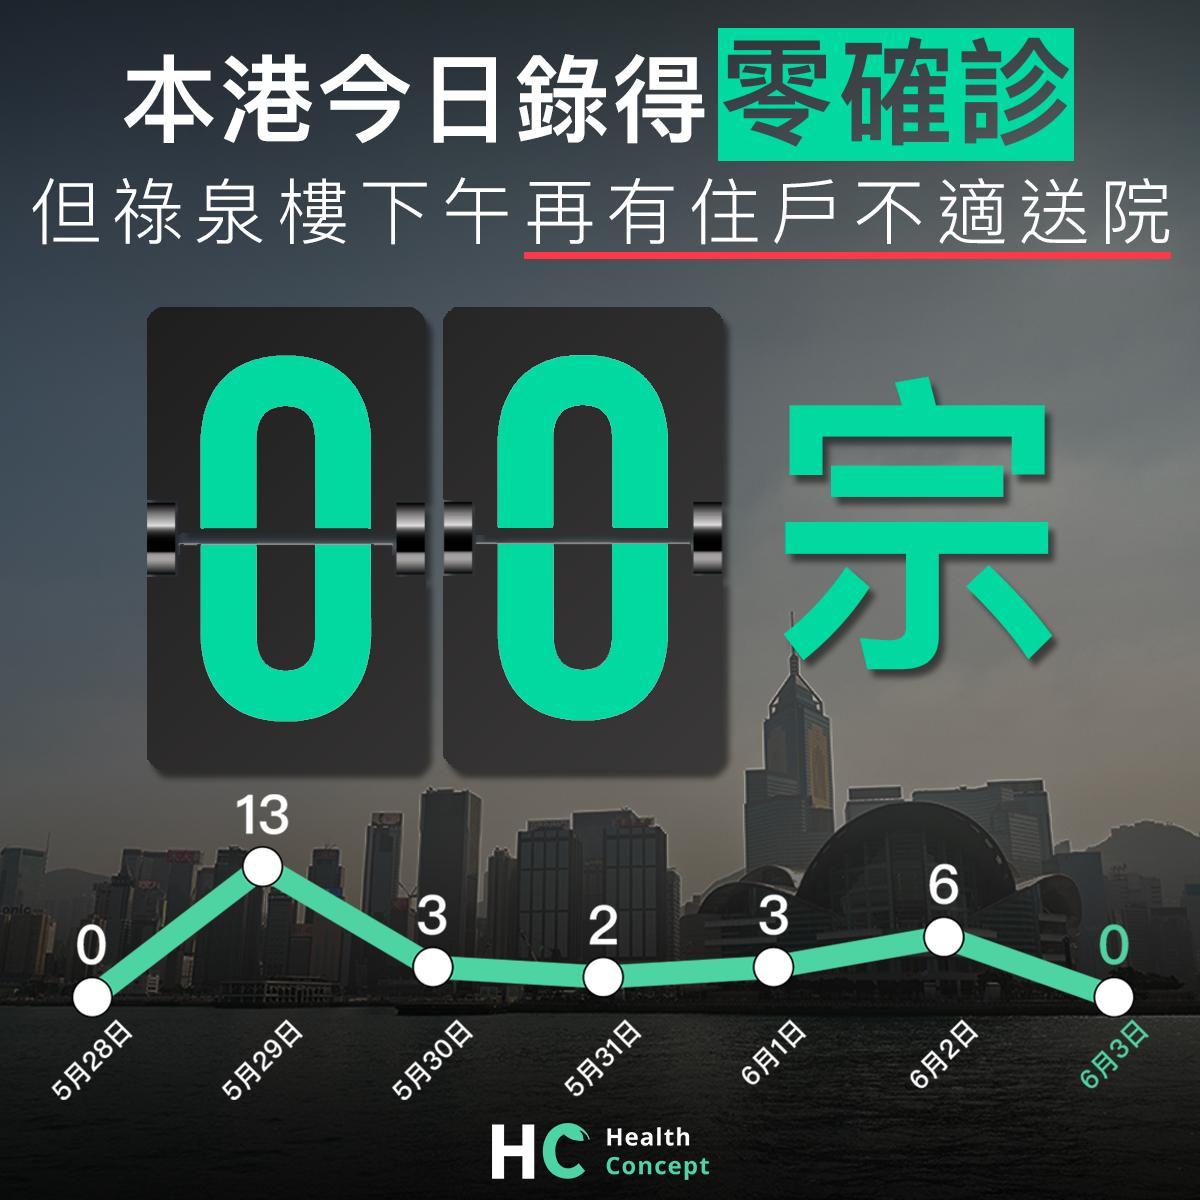 【#新型肺炎】本港今日錄得零確診 但祿泉樓下午再有住戶不適送院